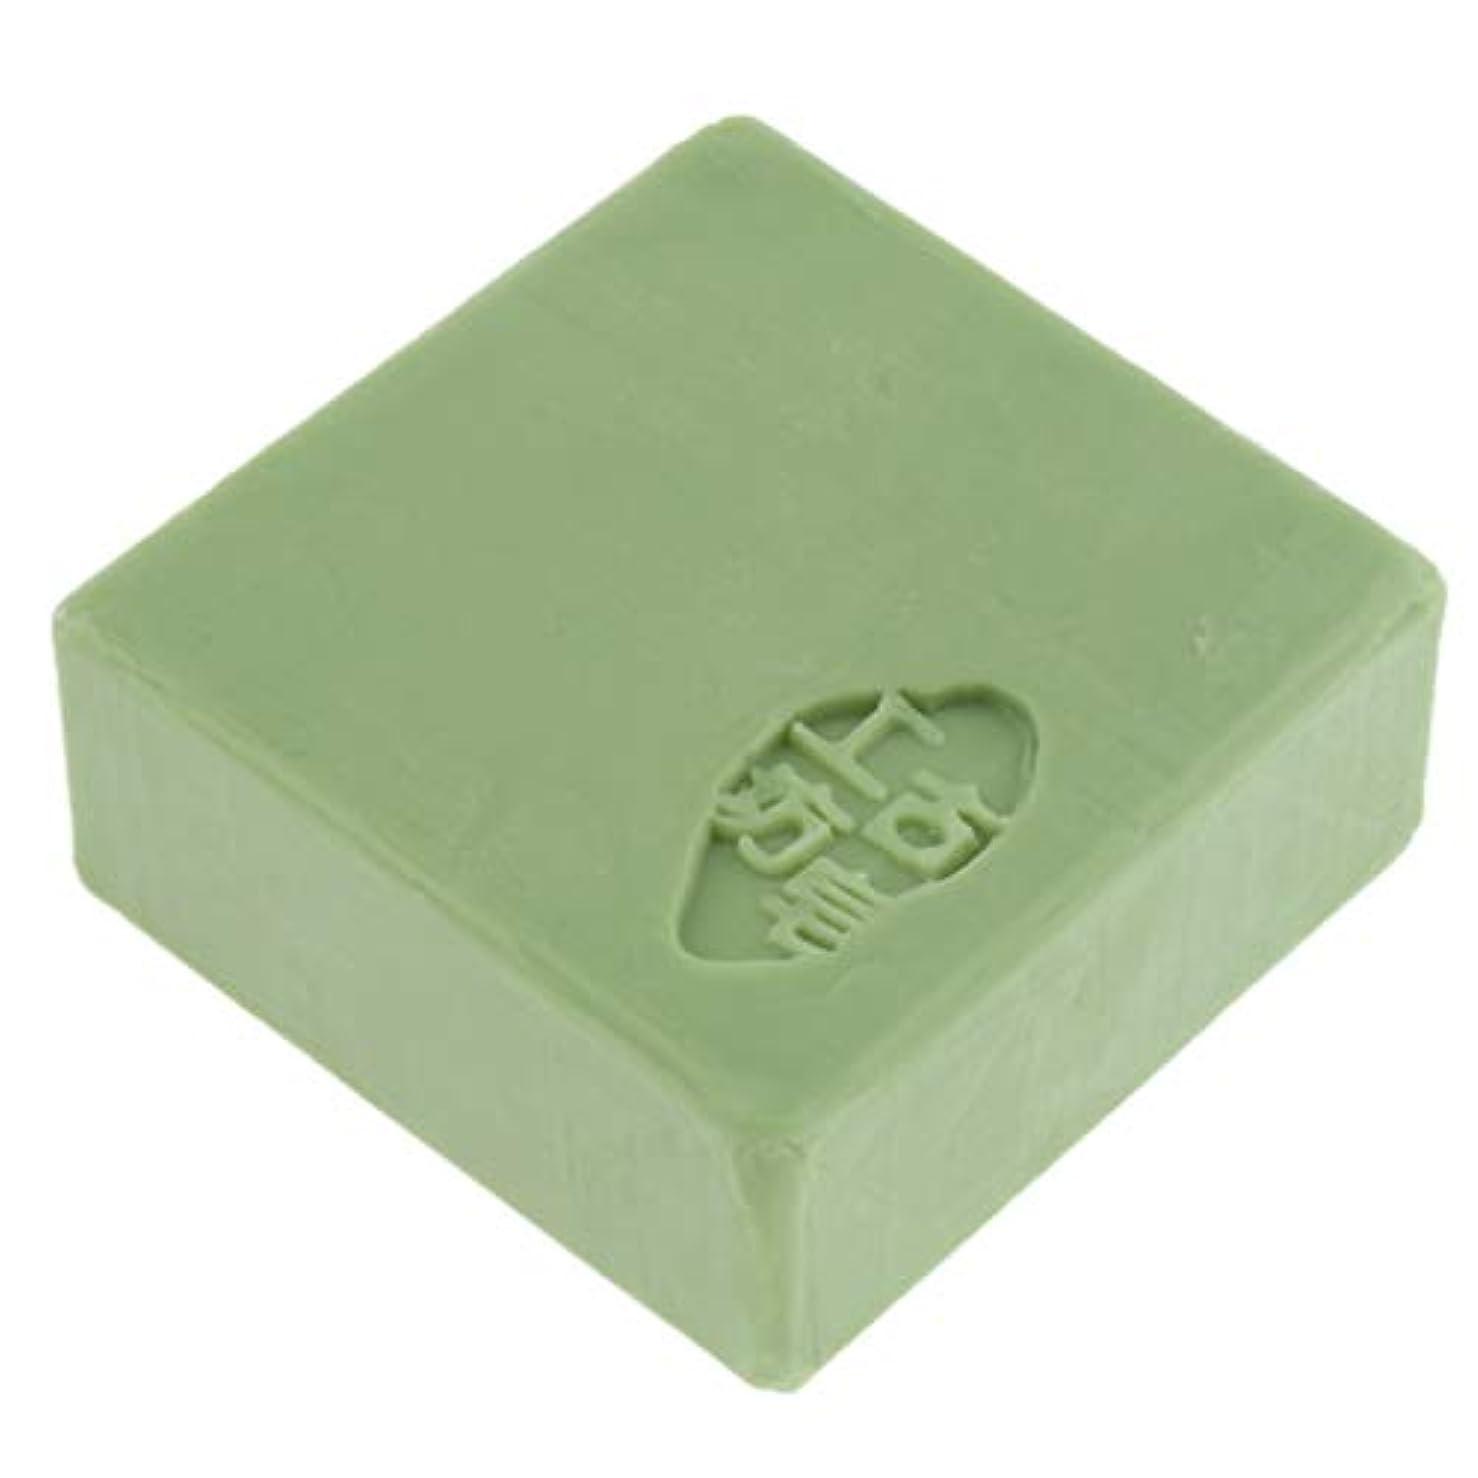 不格好才能にはまってFLAMEER フェイスソープ ボディソープ スキンケア 石鹸 メイク落とし 全3色 - 緑